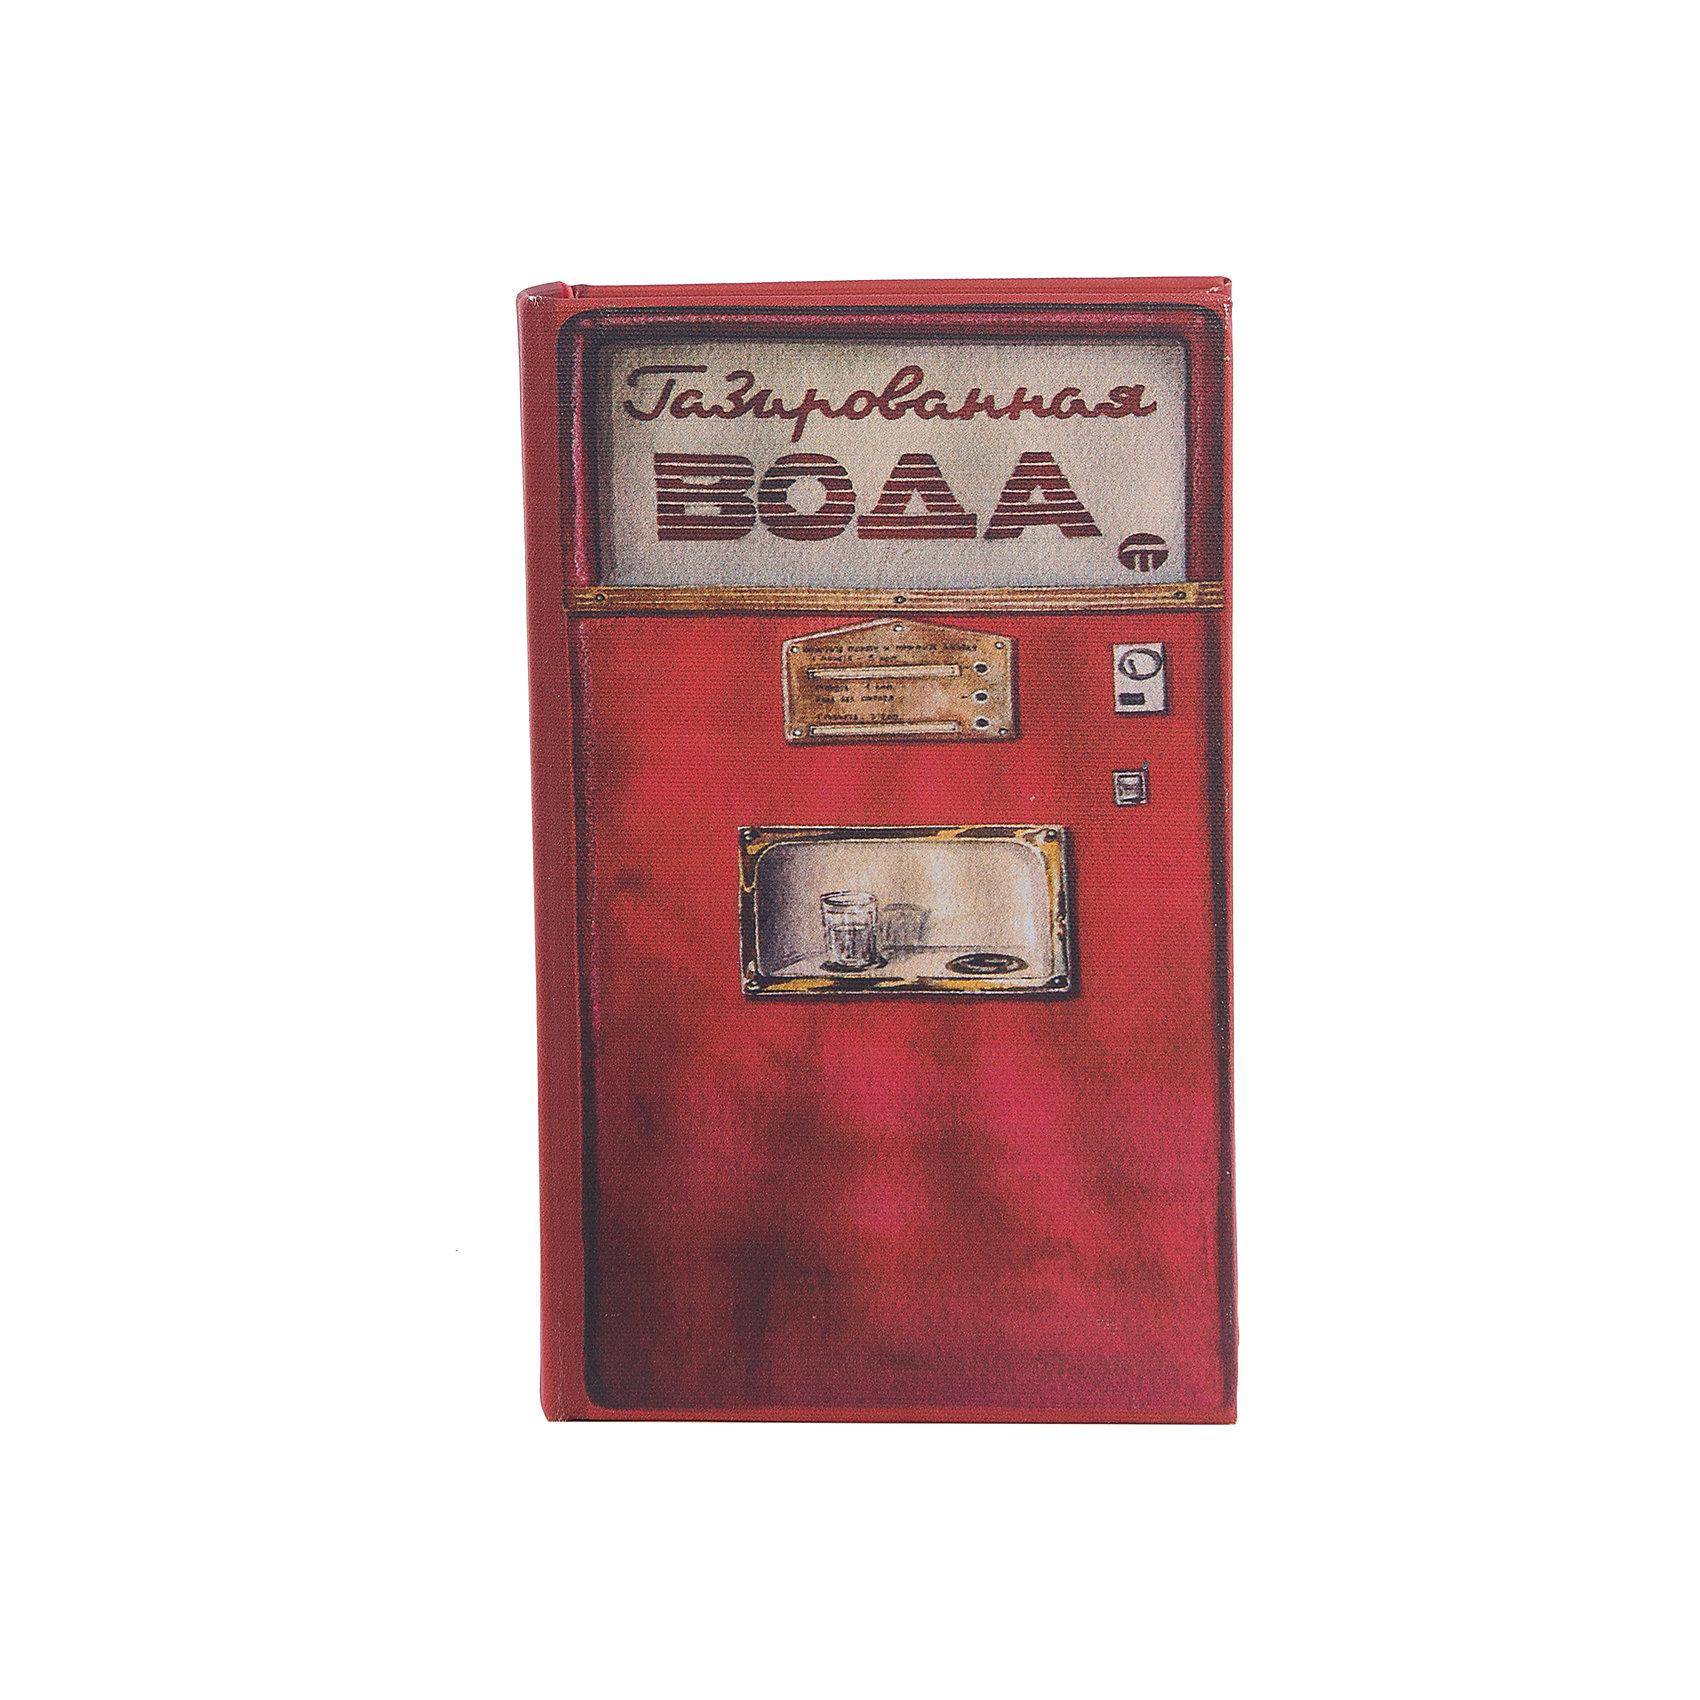 Шкатулка декоративная Газированная водаДекоративная шкатулка Газированная вода изготовлена из дерева в форме книги. Она декорирована интересным рисунком в виде советского автомата с газированной водой. В такой шкатулке приятно будет приятно хранить вещи, украшения и мелкие безделушки.<br><br>Дополнительная информация:<br>Материал: МДФ<br>Размер: 5х18х11 см<br>Вес: 370 грамм<br>Вы можете купить декоративную шкатулку Газированная вода в нашем интернет-магазине.<br><br>Ширина мм: 390<br>Глубина мм: 370<br>Высота мм: 380<br>Вес г: 307<br>Возраст от месяцев: 84<br>Возраст до месяцев: 216<br>Пол: Унисекс<br>Возраст: Детский<br>SKU: 4957985